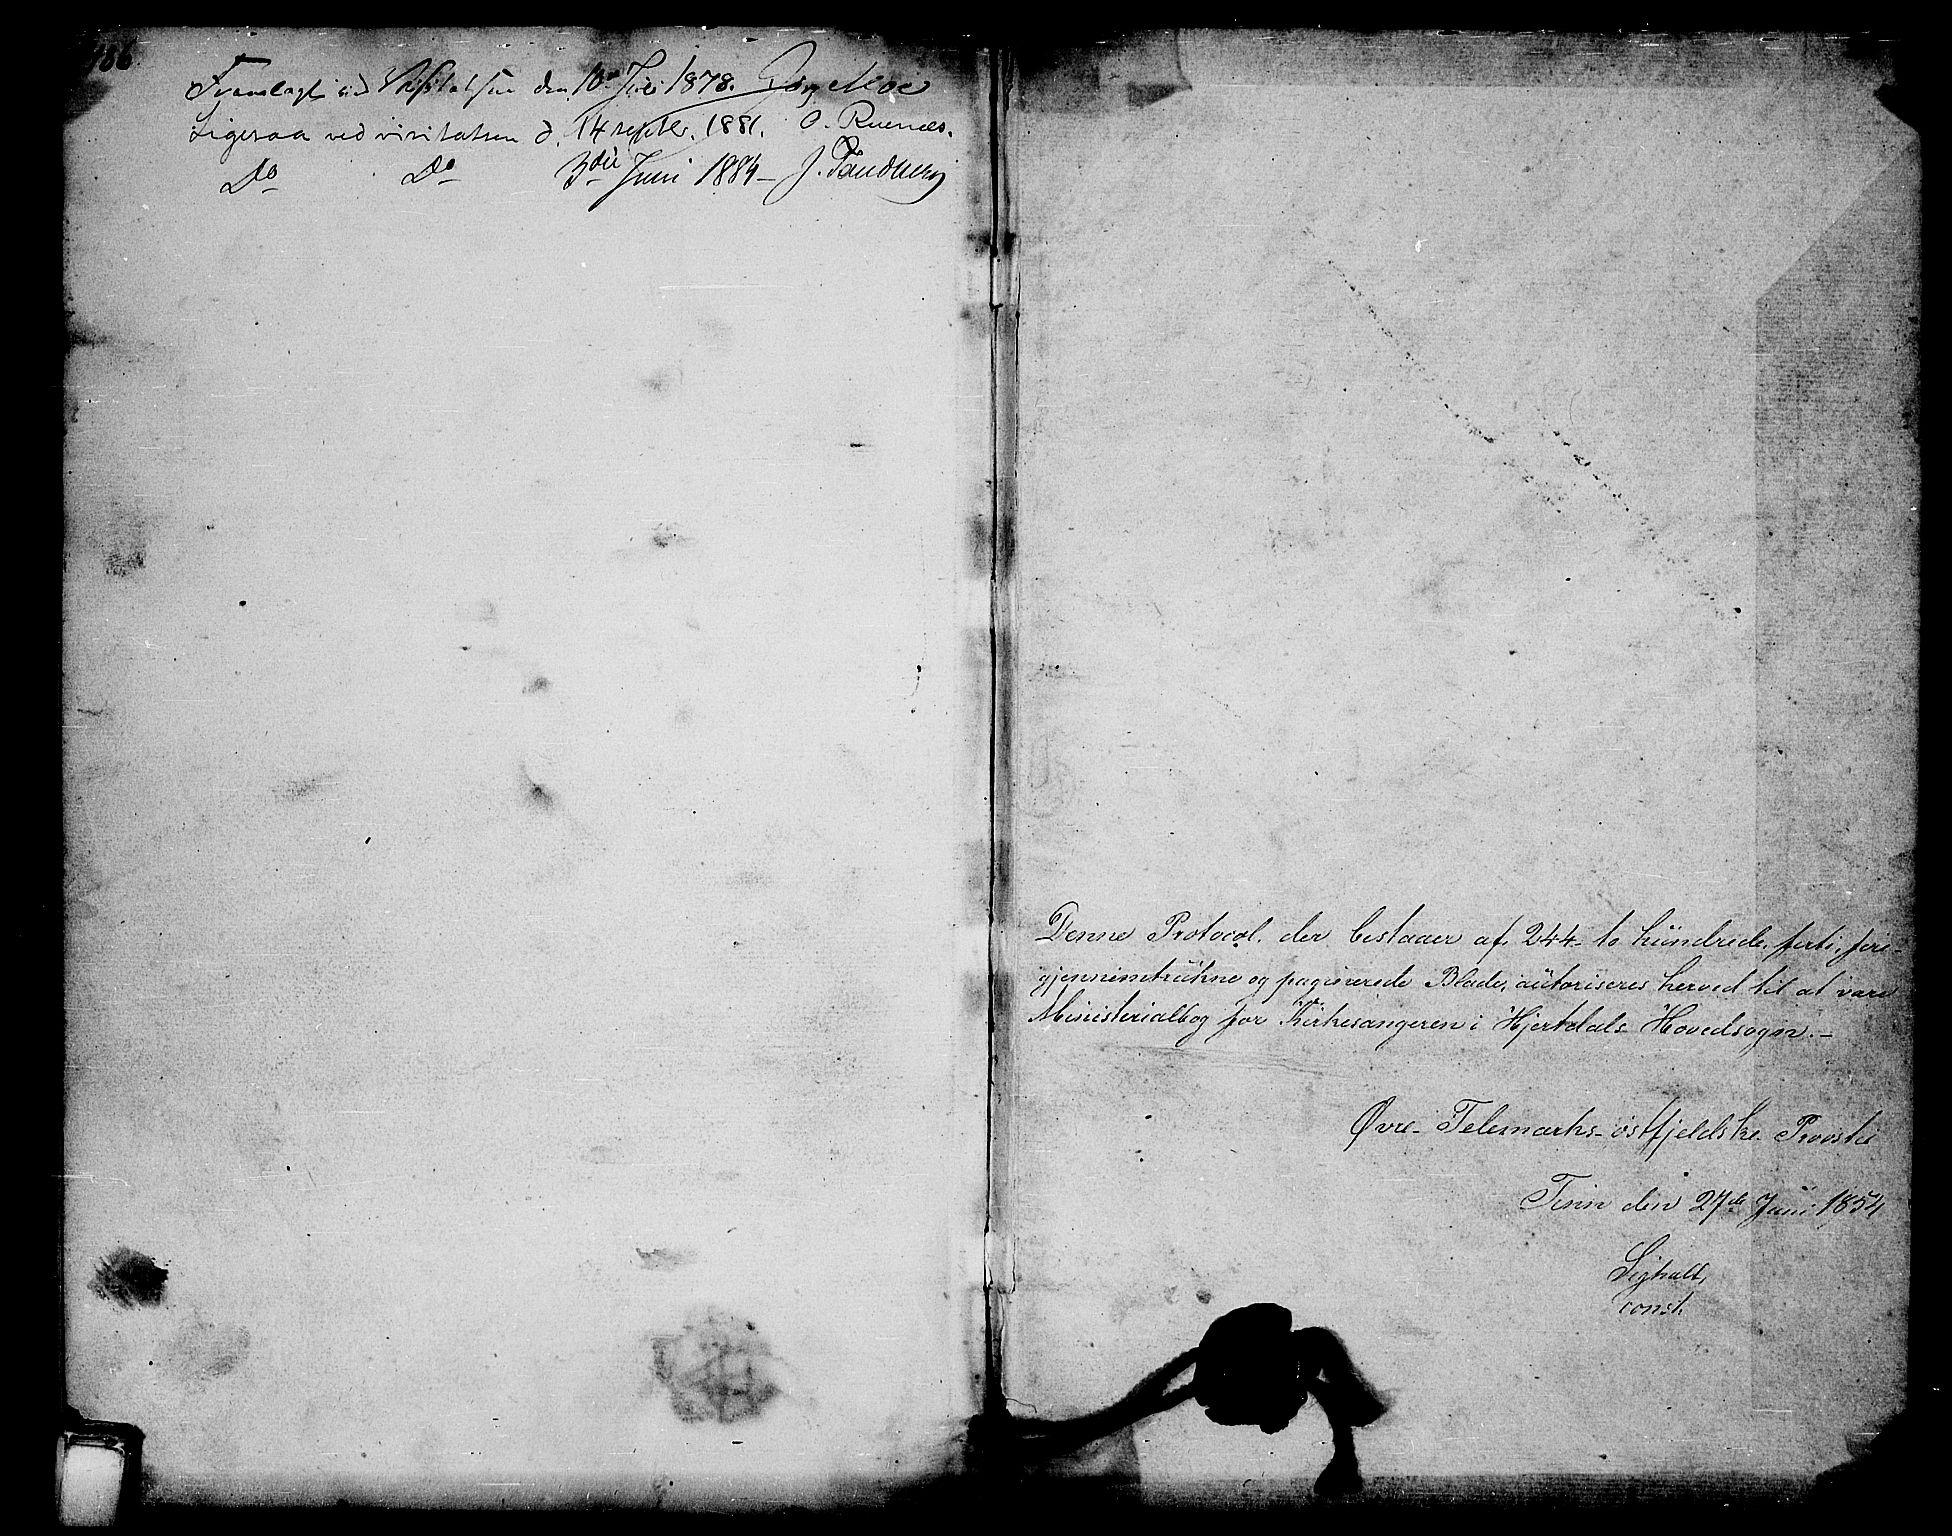 SAKO, Hjartdal kirkebøker, G/Ga/L0002: Klokkerbok nr. I 2, 1854-1888, s. 486-487